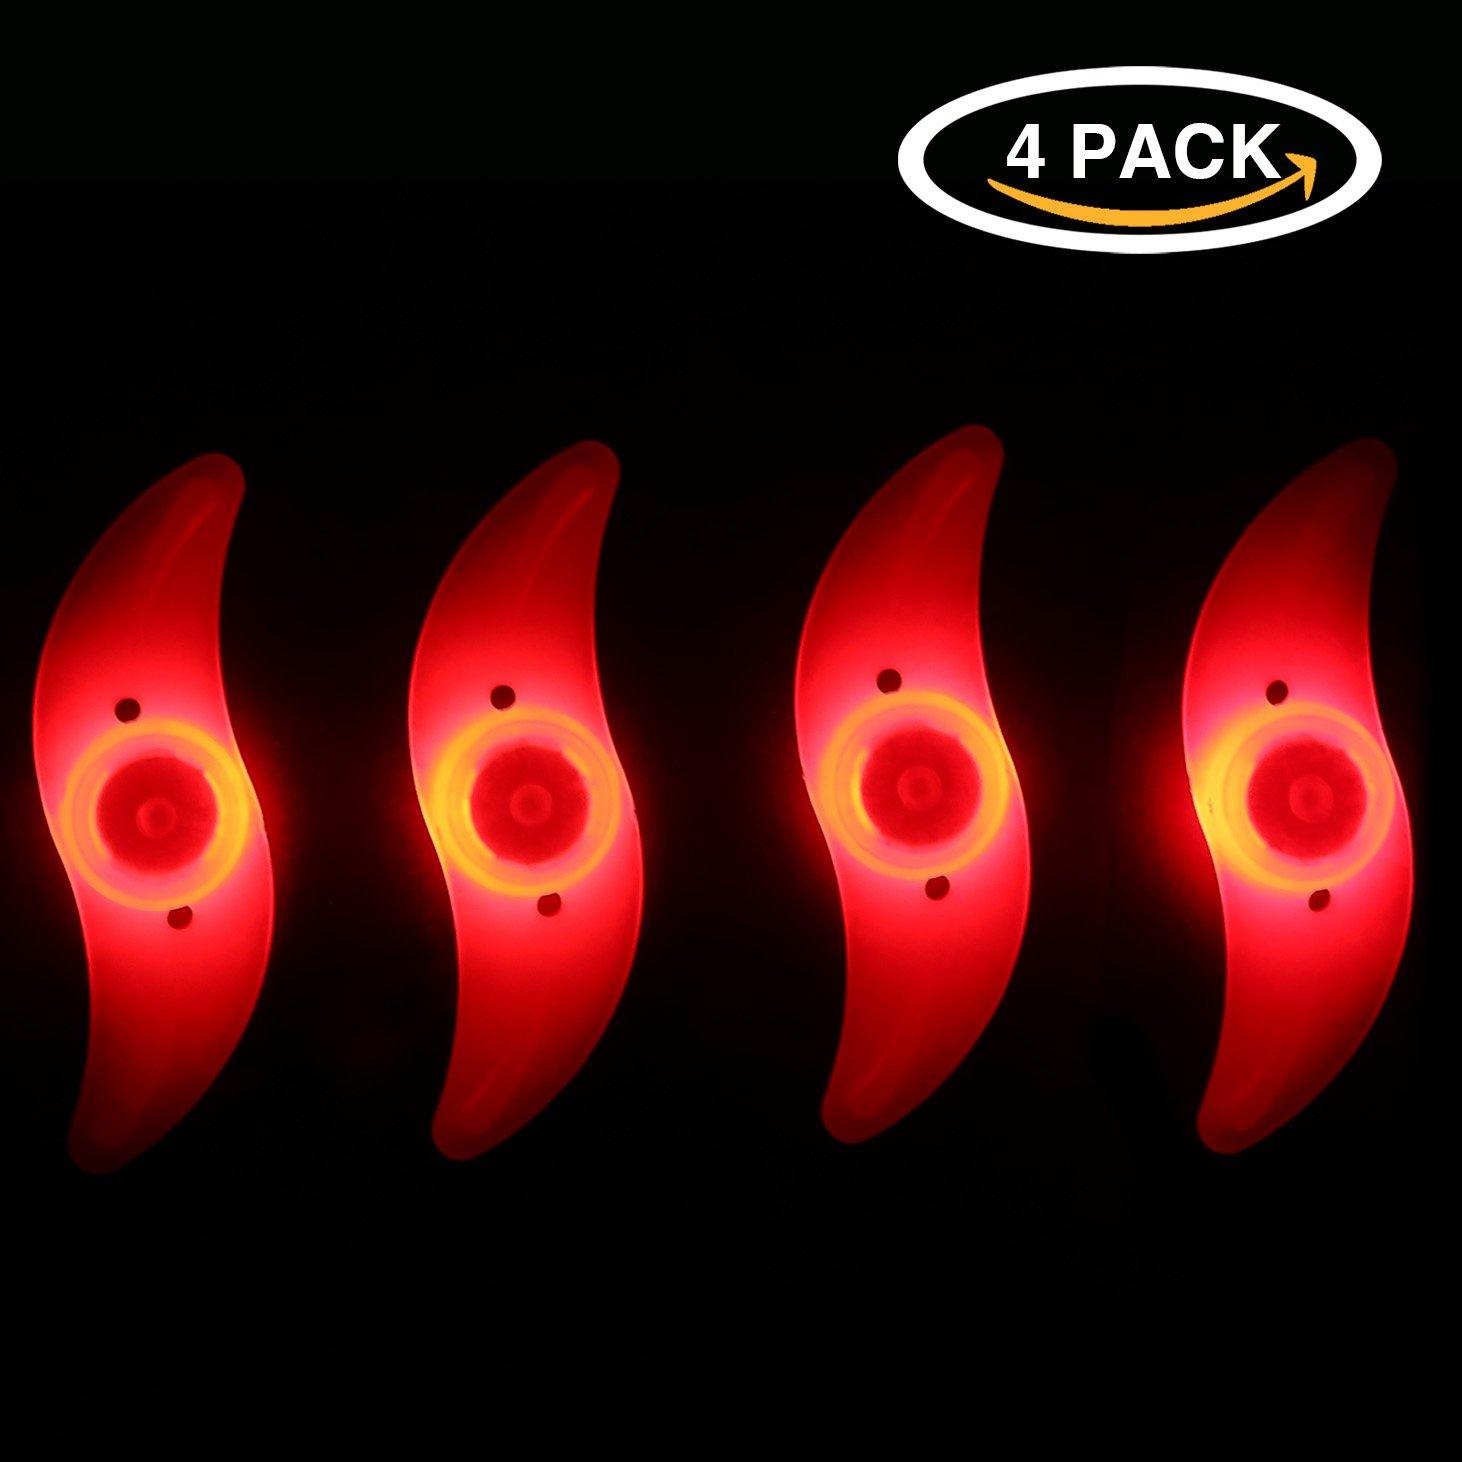 Oumersバイクスポークライト、防水バイクホイールリムライトサイクリングタイヤバルブスポークライト3 LEDフラッシュモード付きネオンランプ使用との安全警告(ブルーレッドグリーンカラフル) B0749M8QW8 4pcs Red 4pcs Red